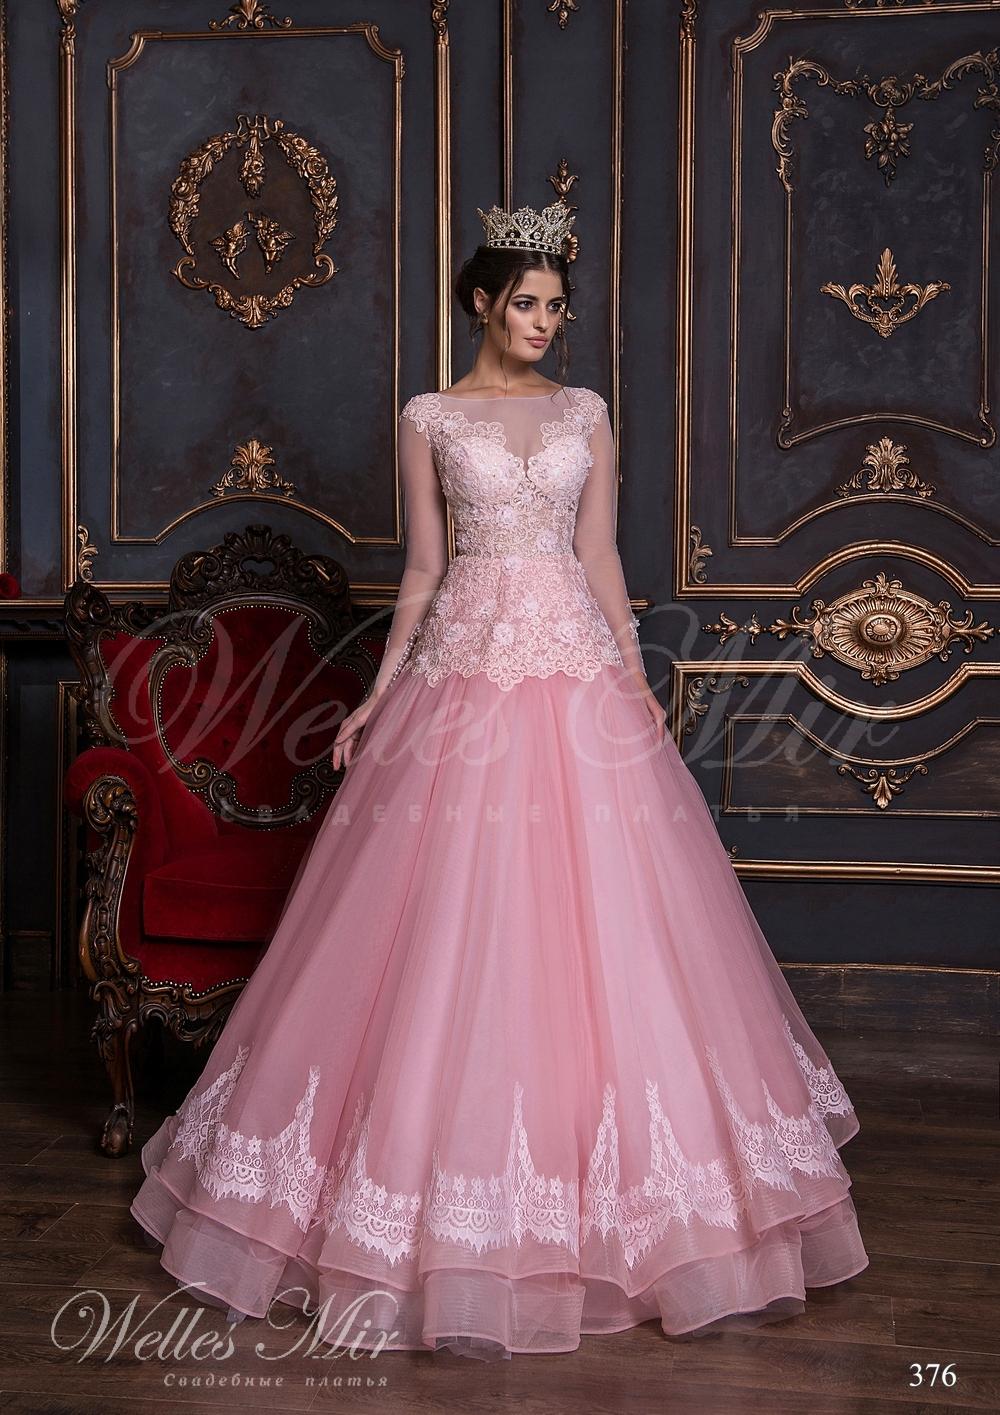 Rochie de mireasa de culoare roz luminoase